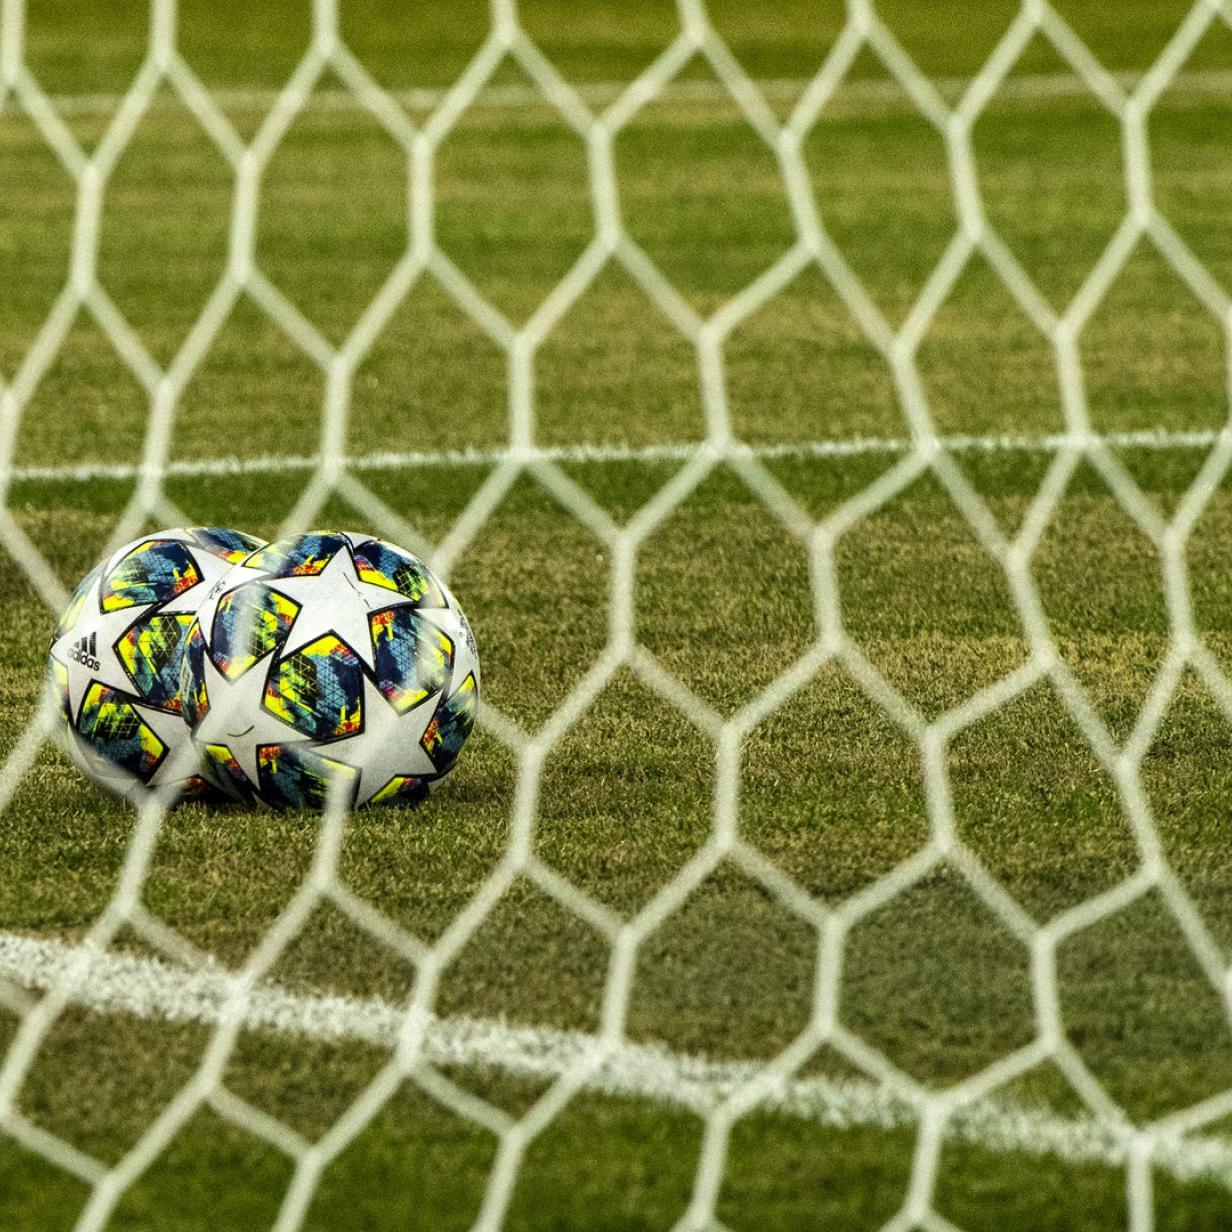 Fußball-Coach wird nach 27:0-Sieg entlassen